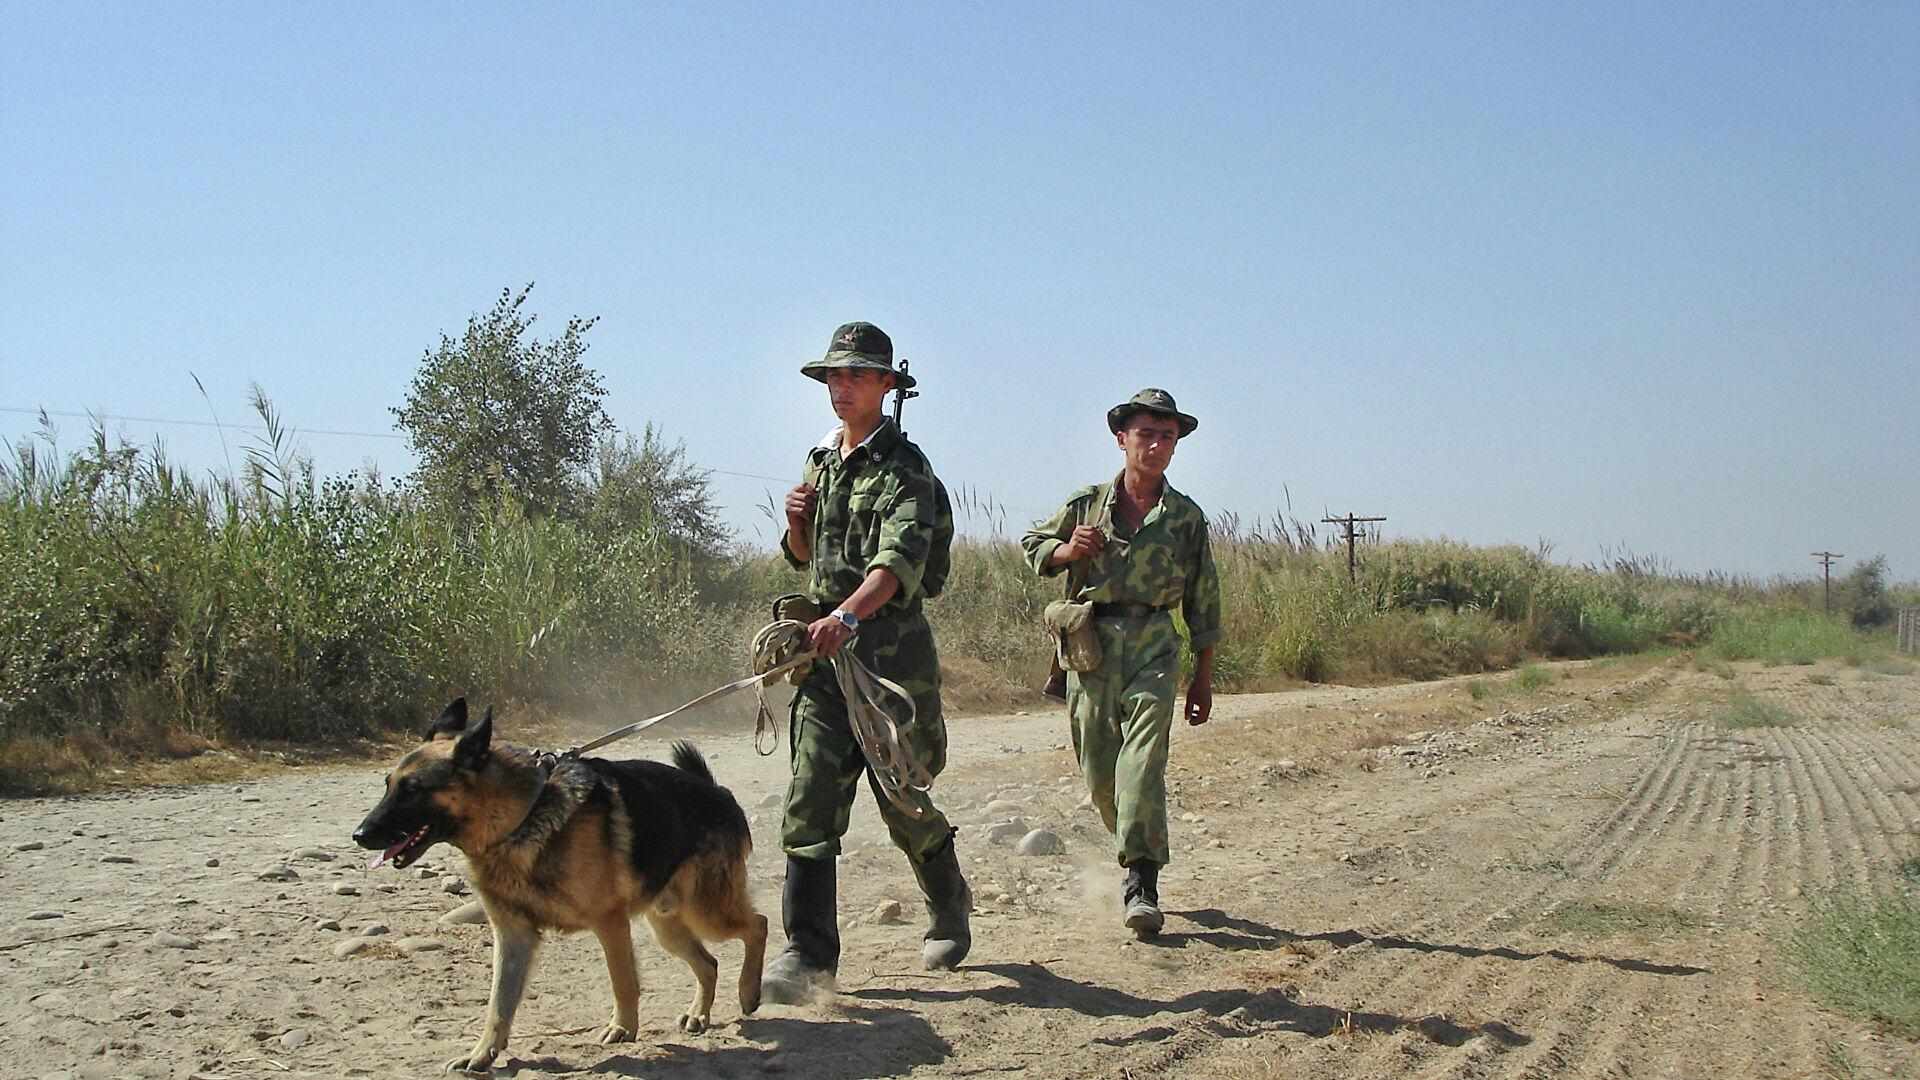 Казахстан обсуждает оказание военной помощи Таджикистану